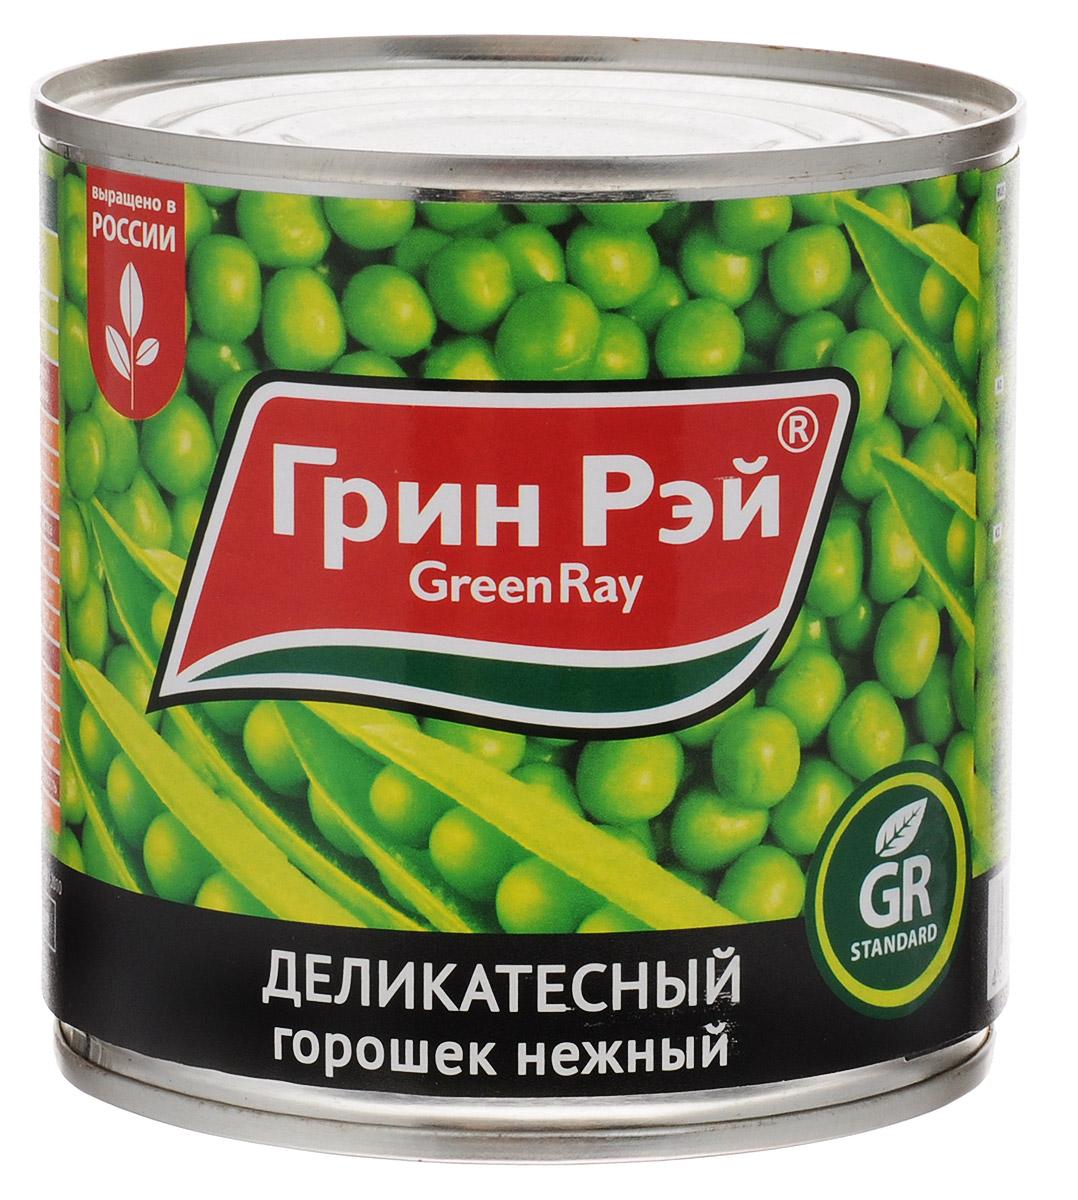 Green Ray Деликатесный горошек зеленый, 425 мл казачьи разносолы горошек зеленый мозговых сортов 425 г